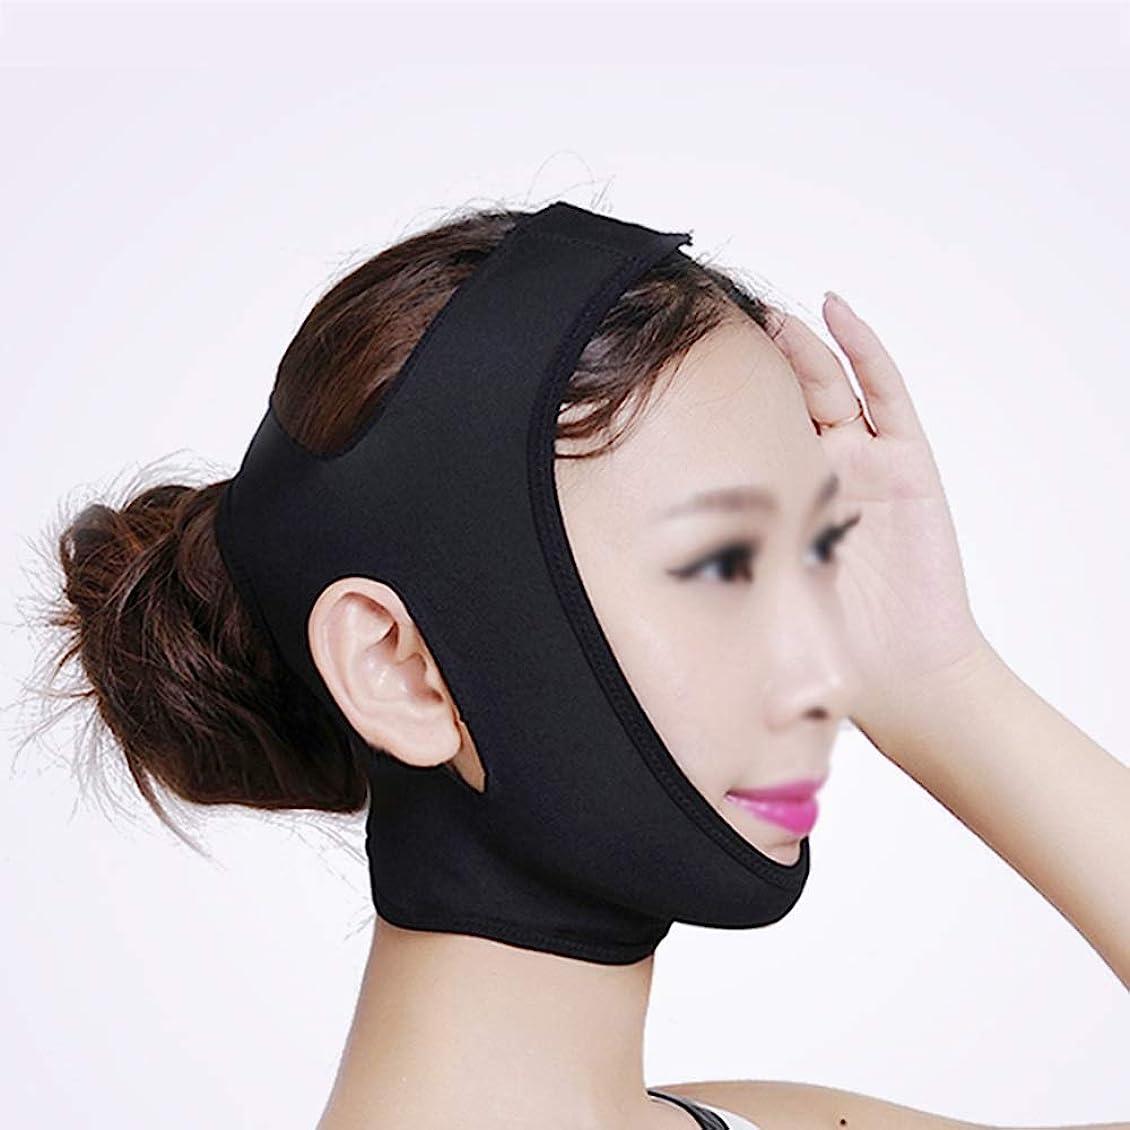 エール冒険家マカダムXHLMRMJ 減量の包帯、顔の持ち上がる包帯、二重あごを減らすために持ち上がるベルトを取除く顔の減量のマスクの持ち上がる表面、フェイスマスク、二重あご (Color : Black, Size : XL)